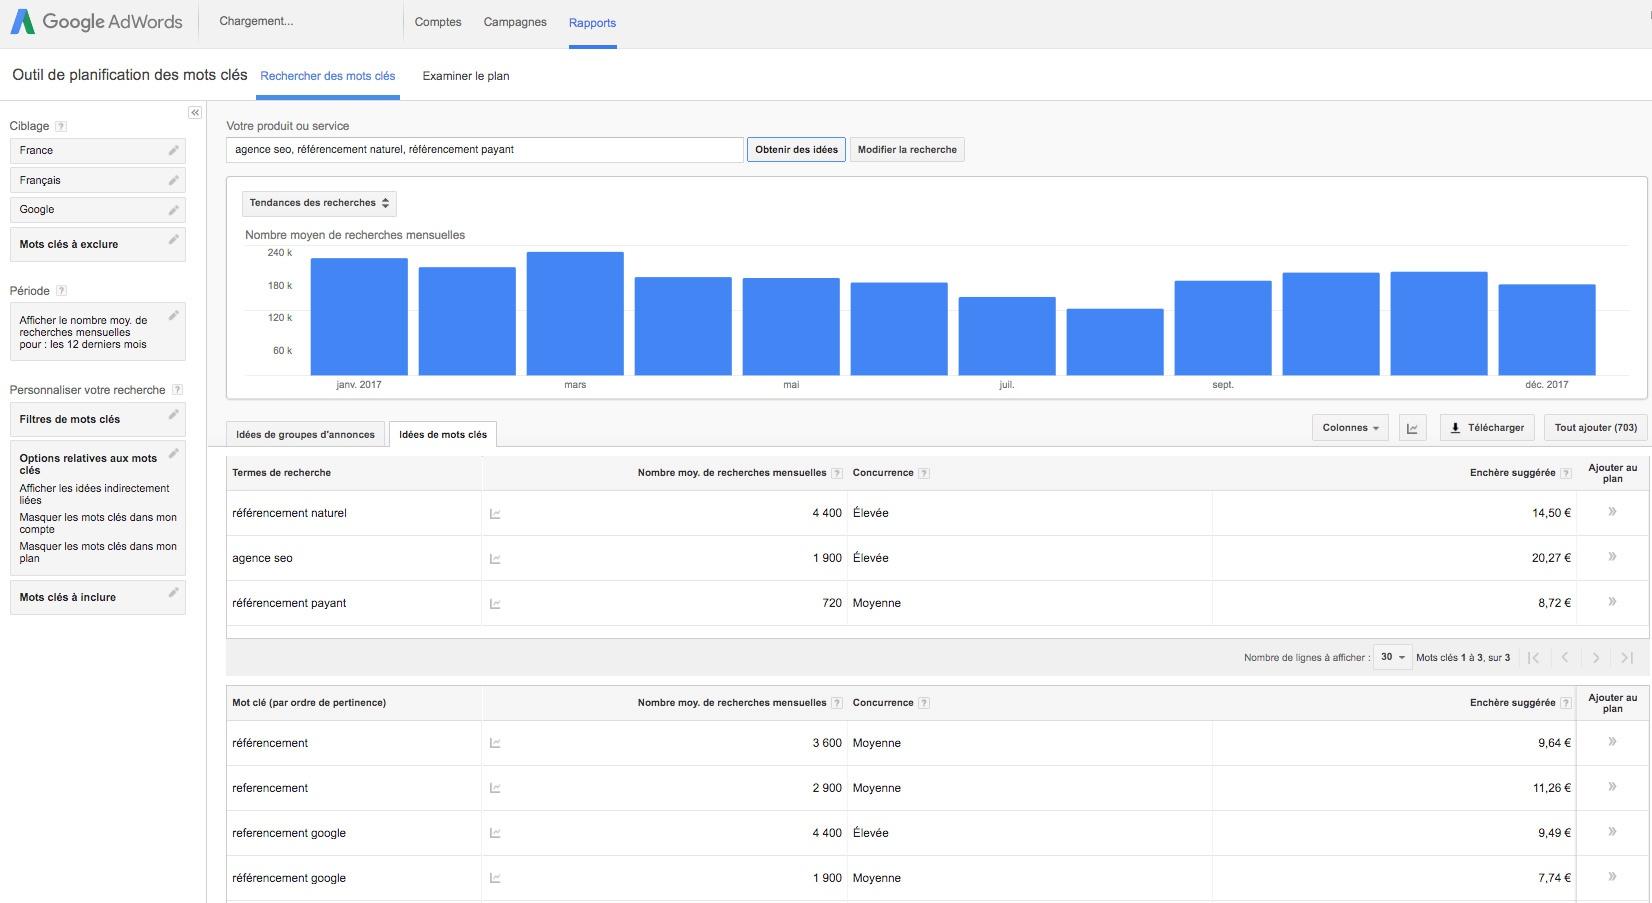 Recherche de mots clés google outil de planification de mots clés